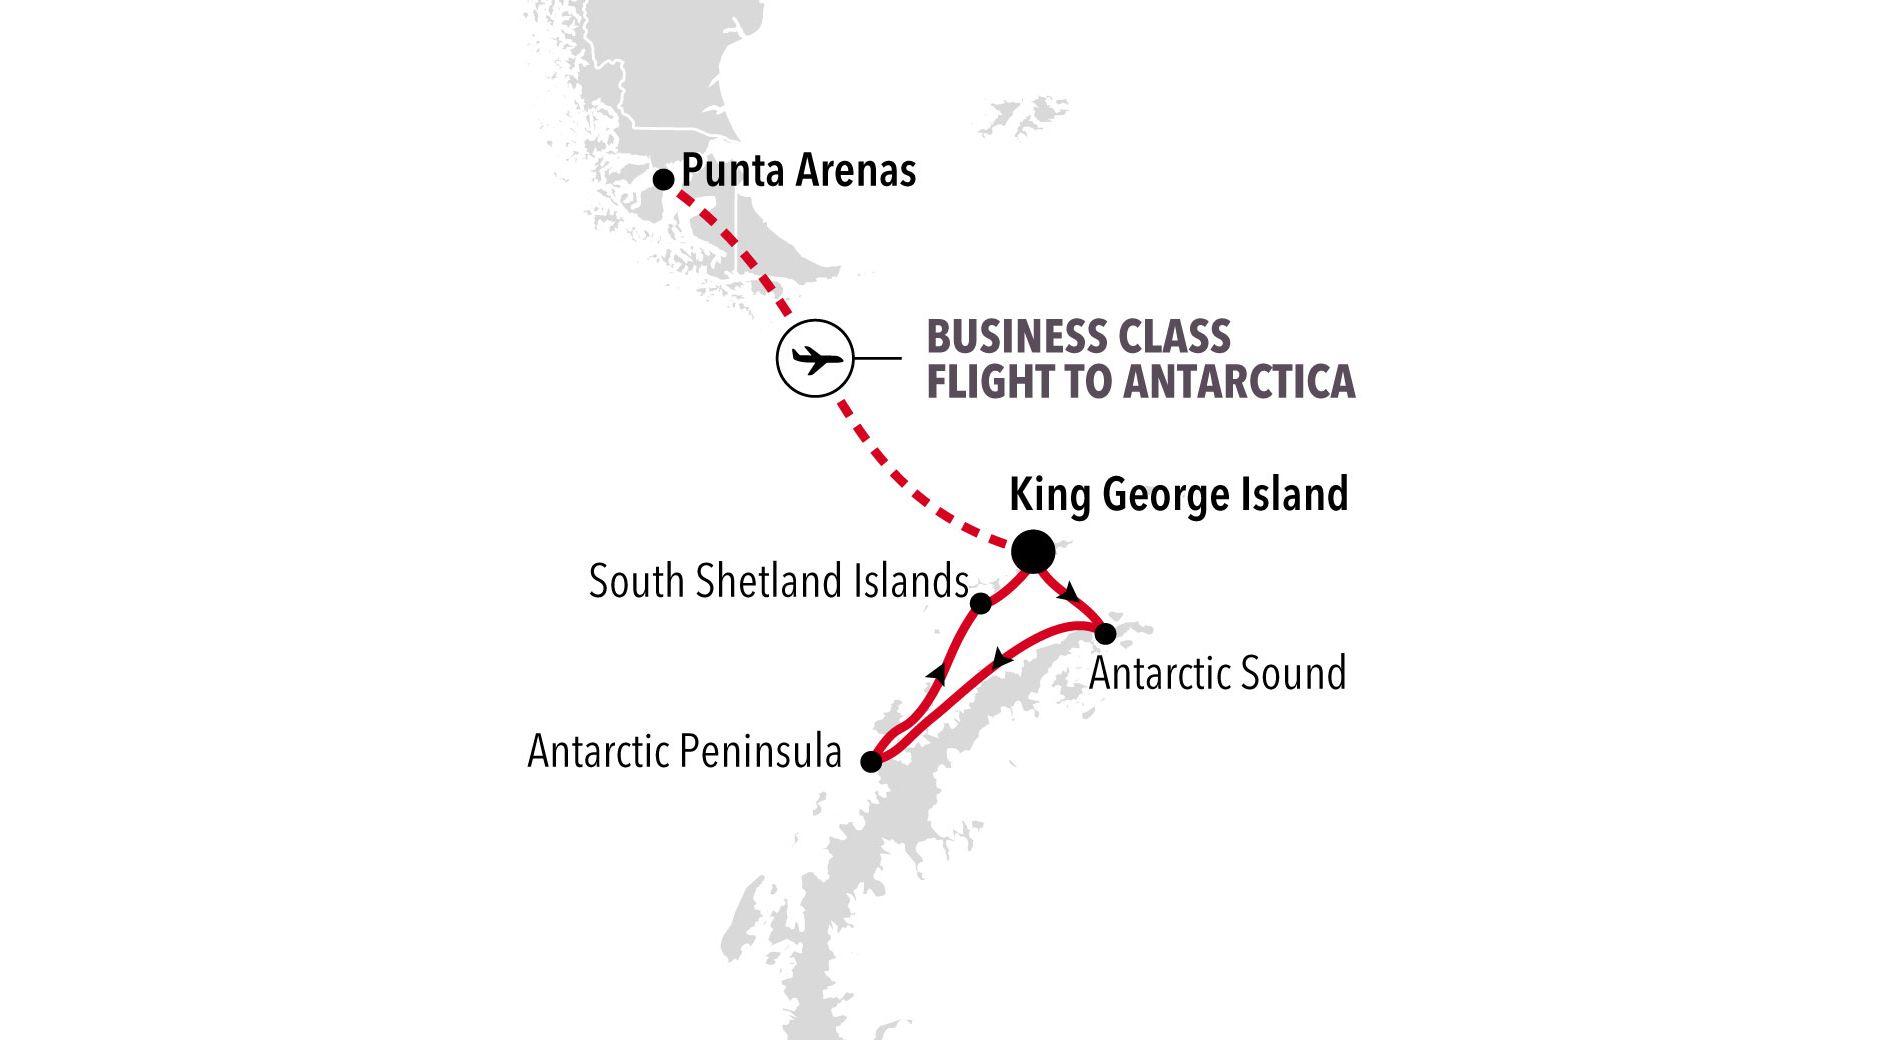 E1220130006 - King George Island nach King George Island